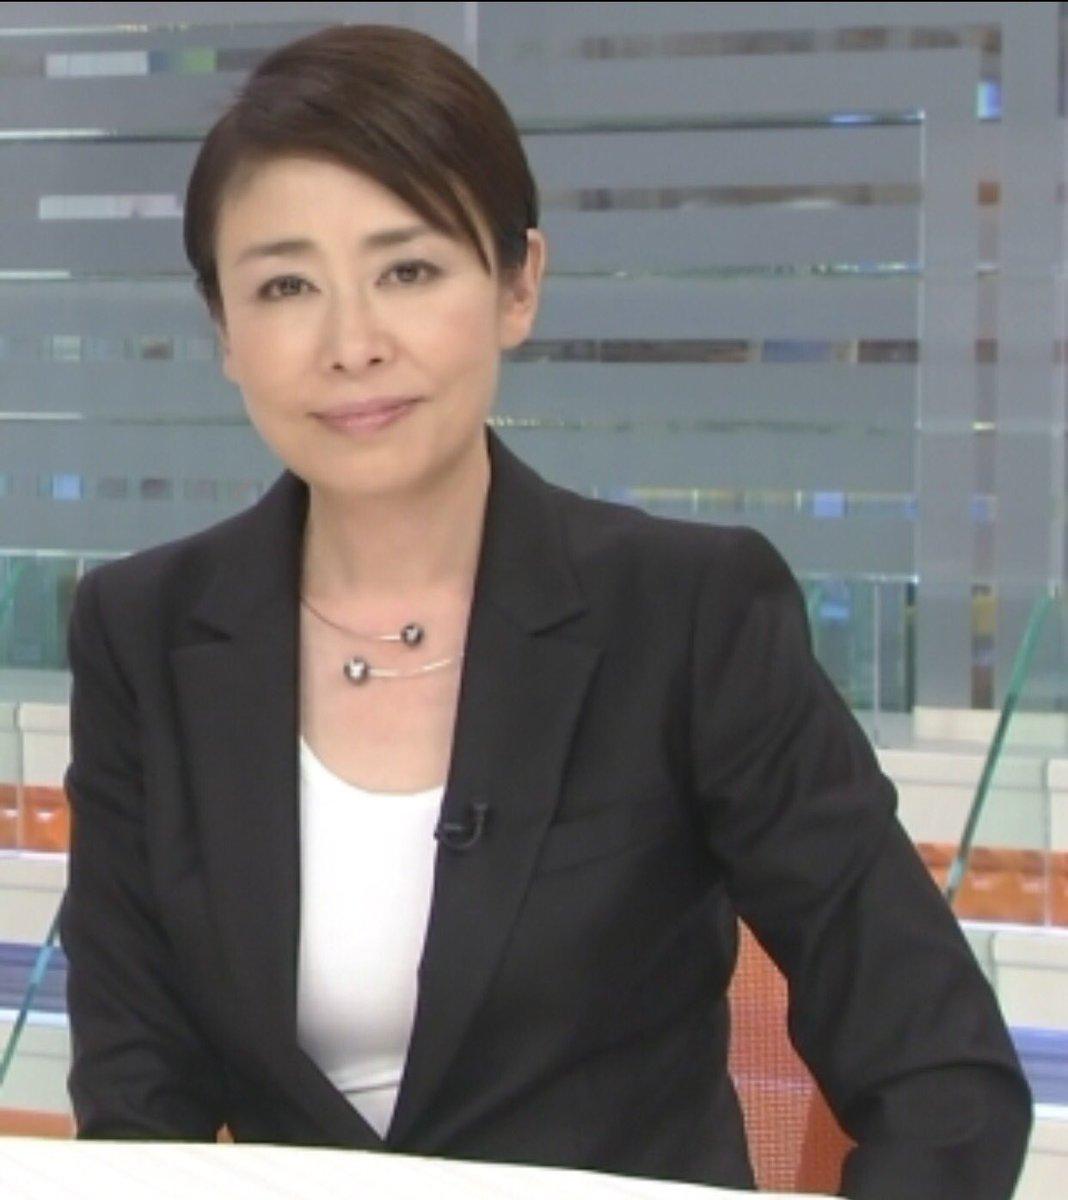 「安藤優子」の検索結果 - Yahoo!検索(畫像)